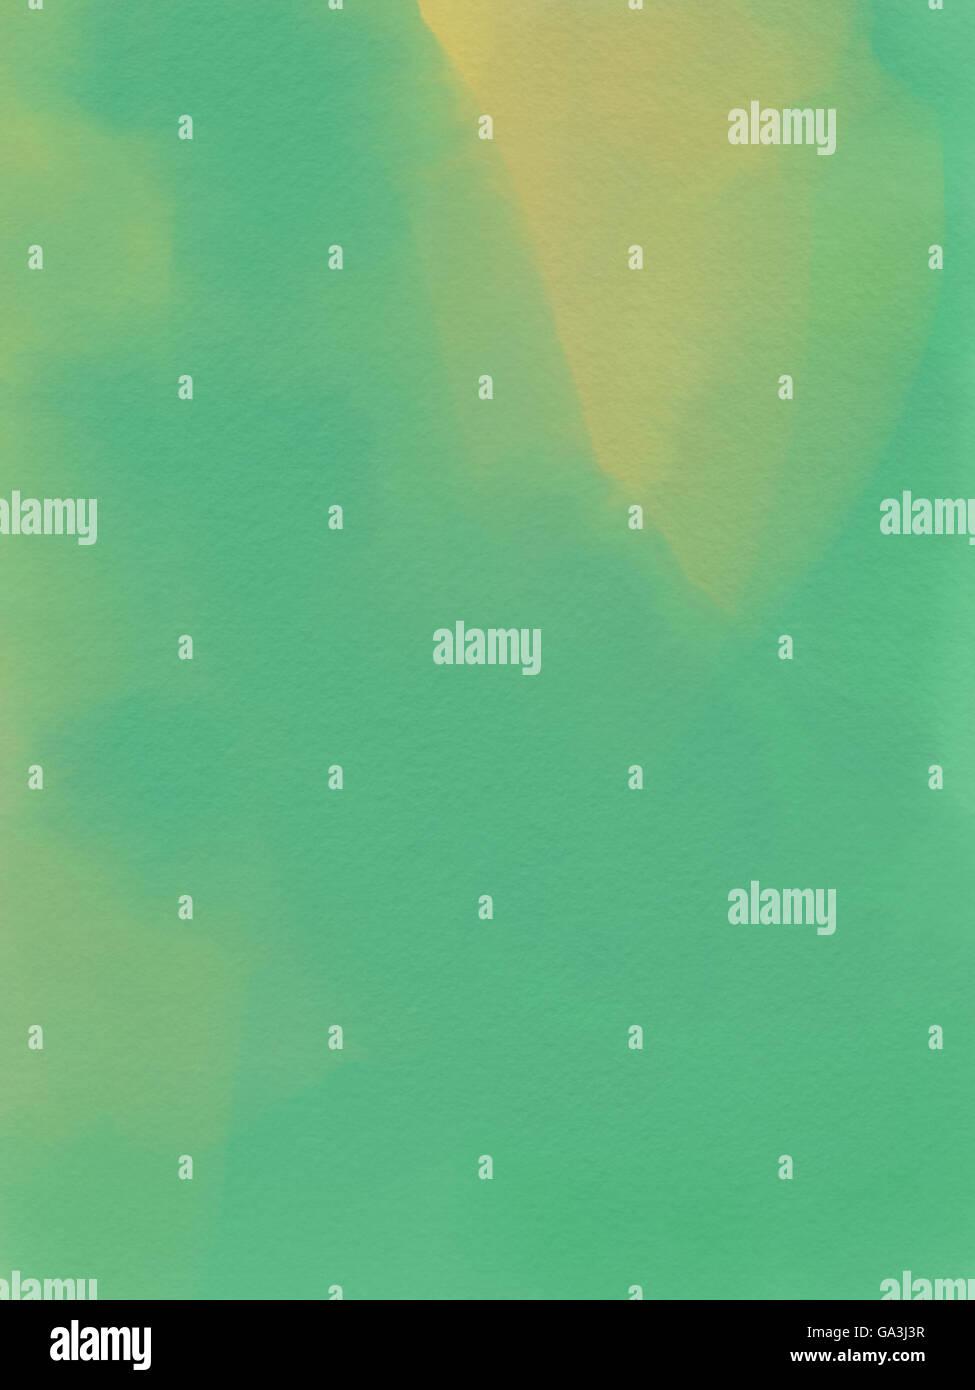 Acuarela abstracto - Fondo Verde y amarillo. Imagen De Stock